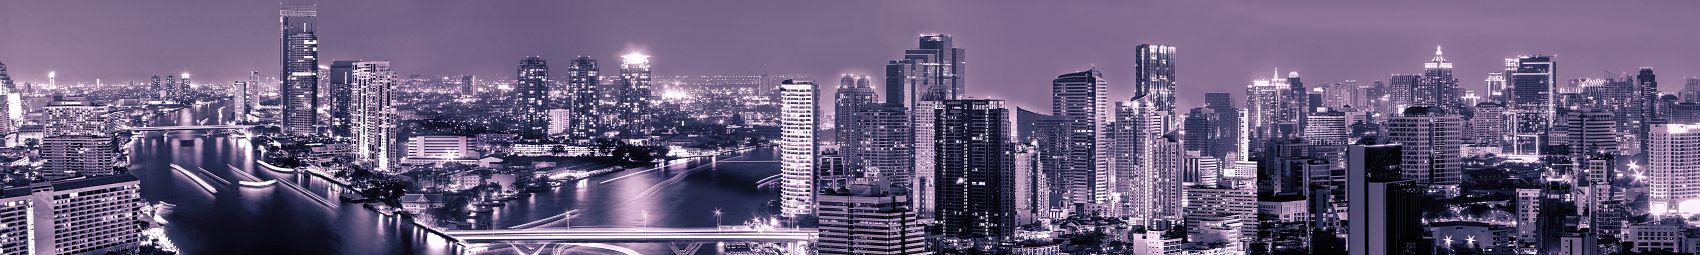 Ночной город в фиолетовом цвете